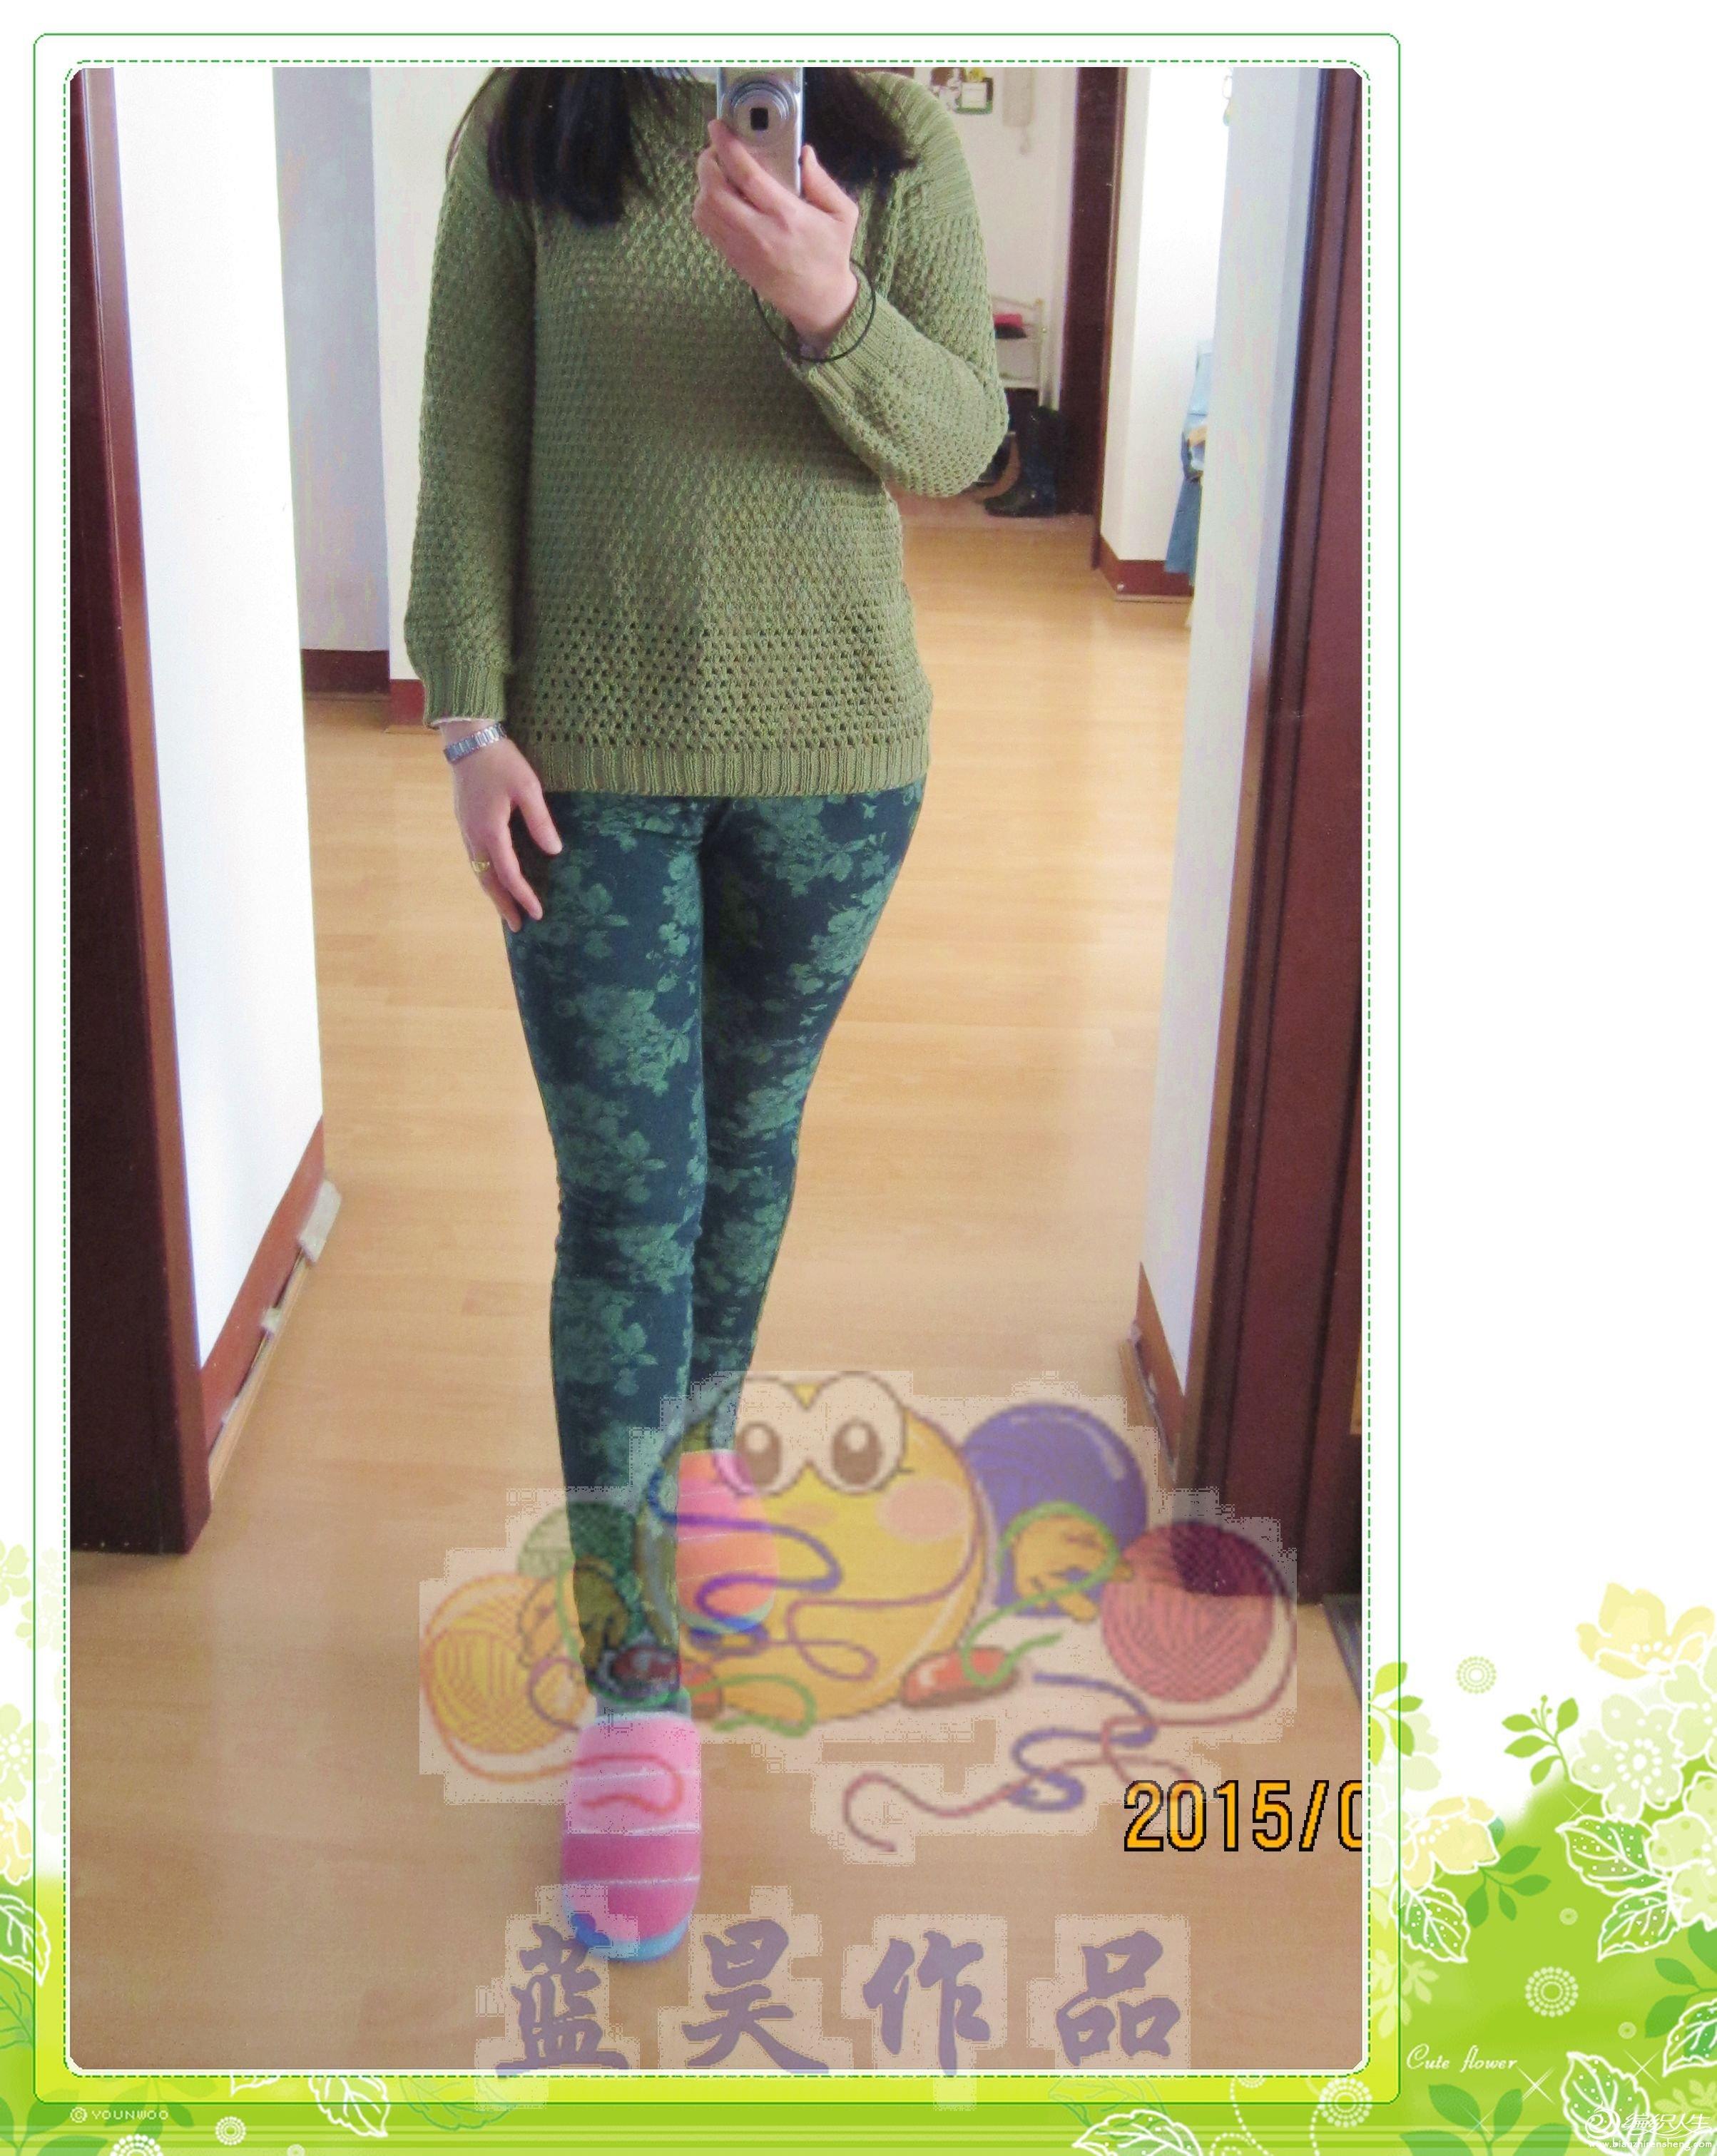 军绿罩衫秀.jpg